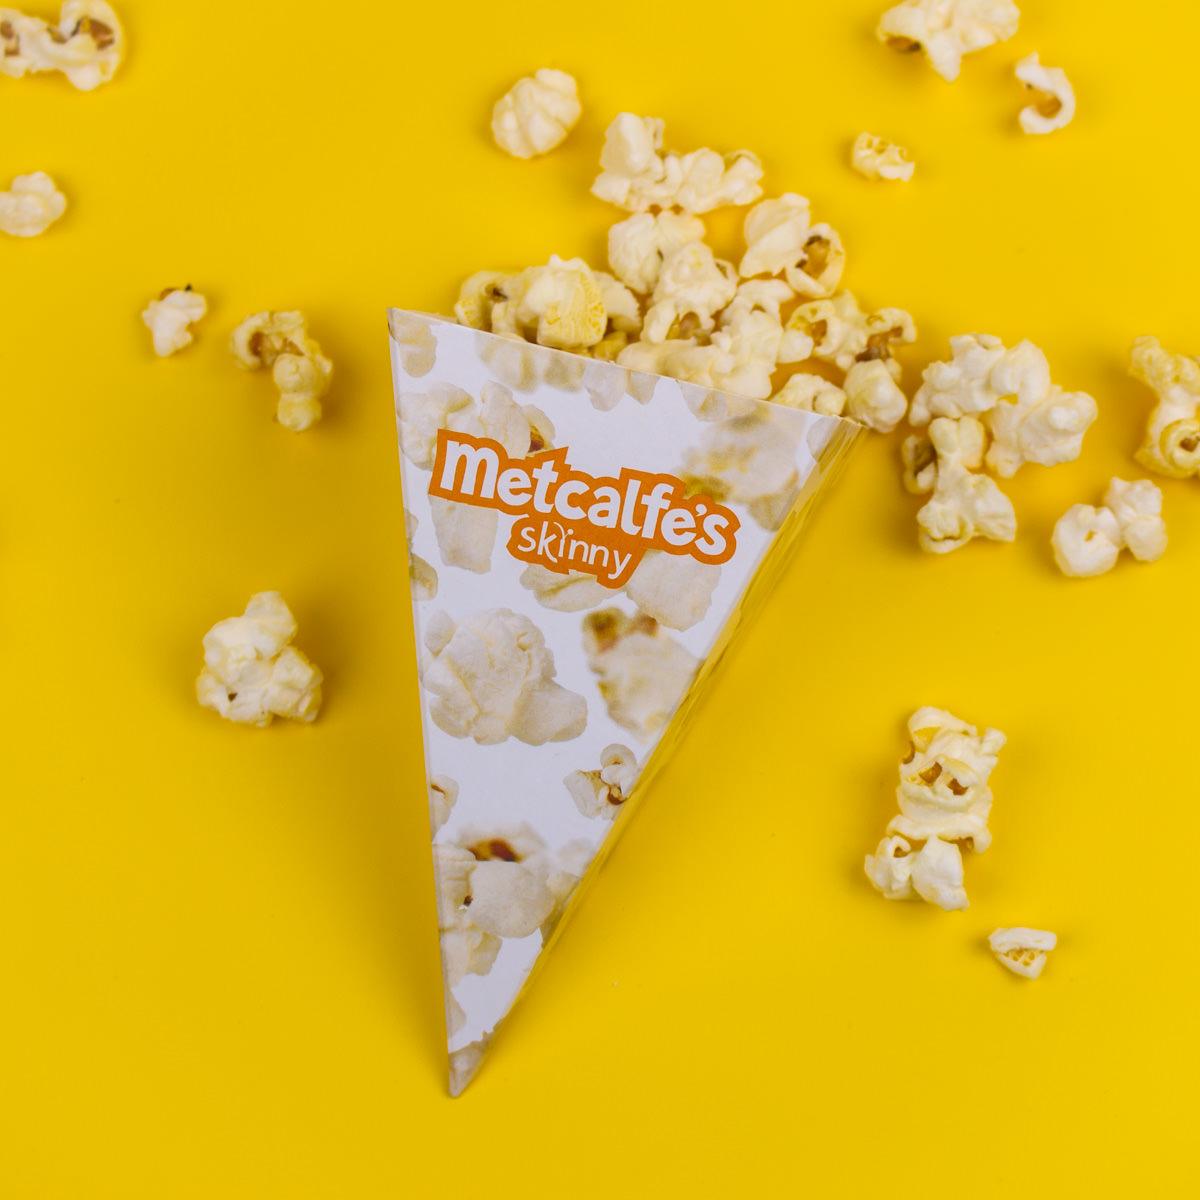 Packaging Taster Cones - Metcalfes-11